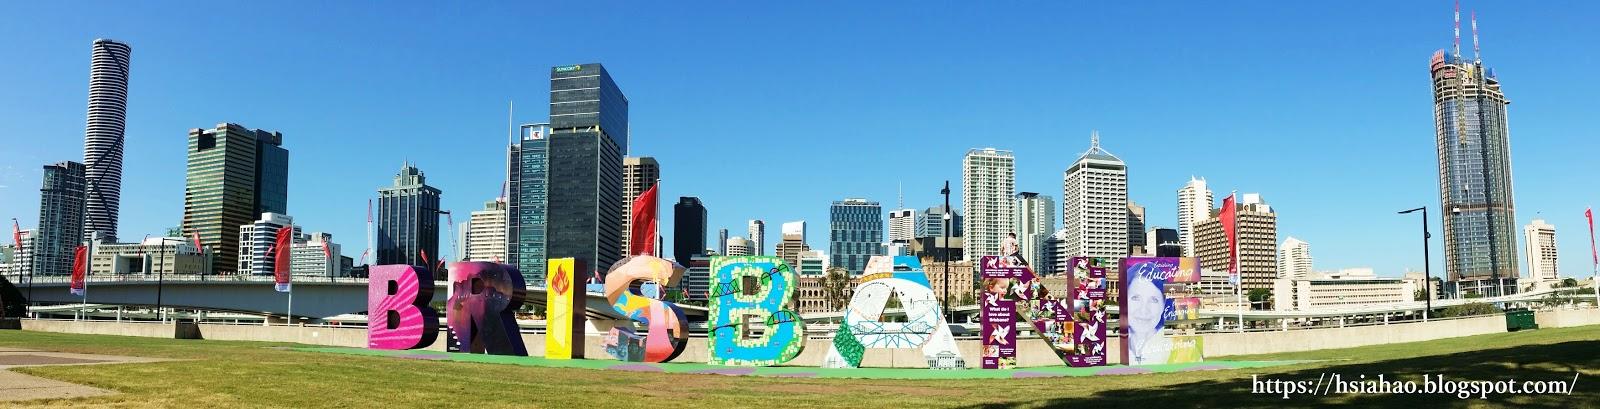 澳洲-布里斯本-留學-申請-學校-南岸公園-Australia-University-Application